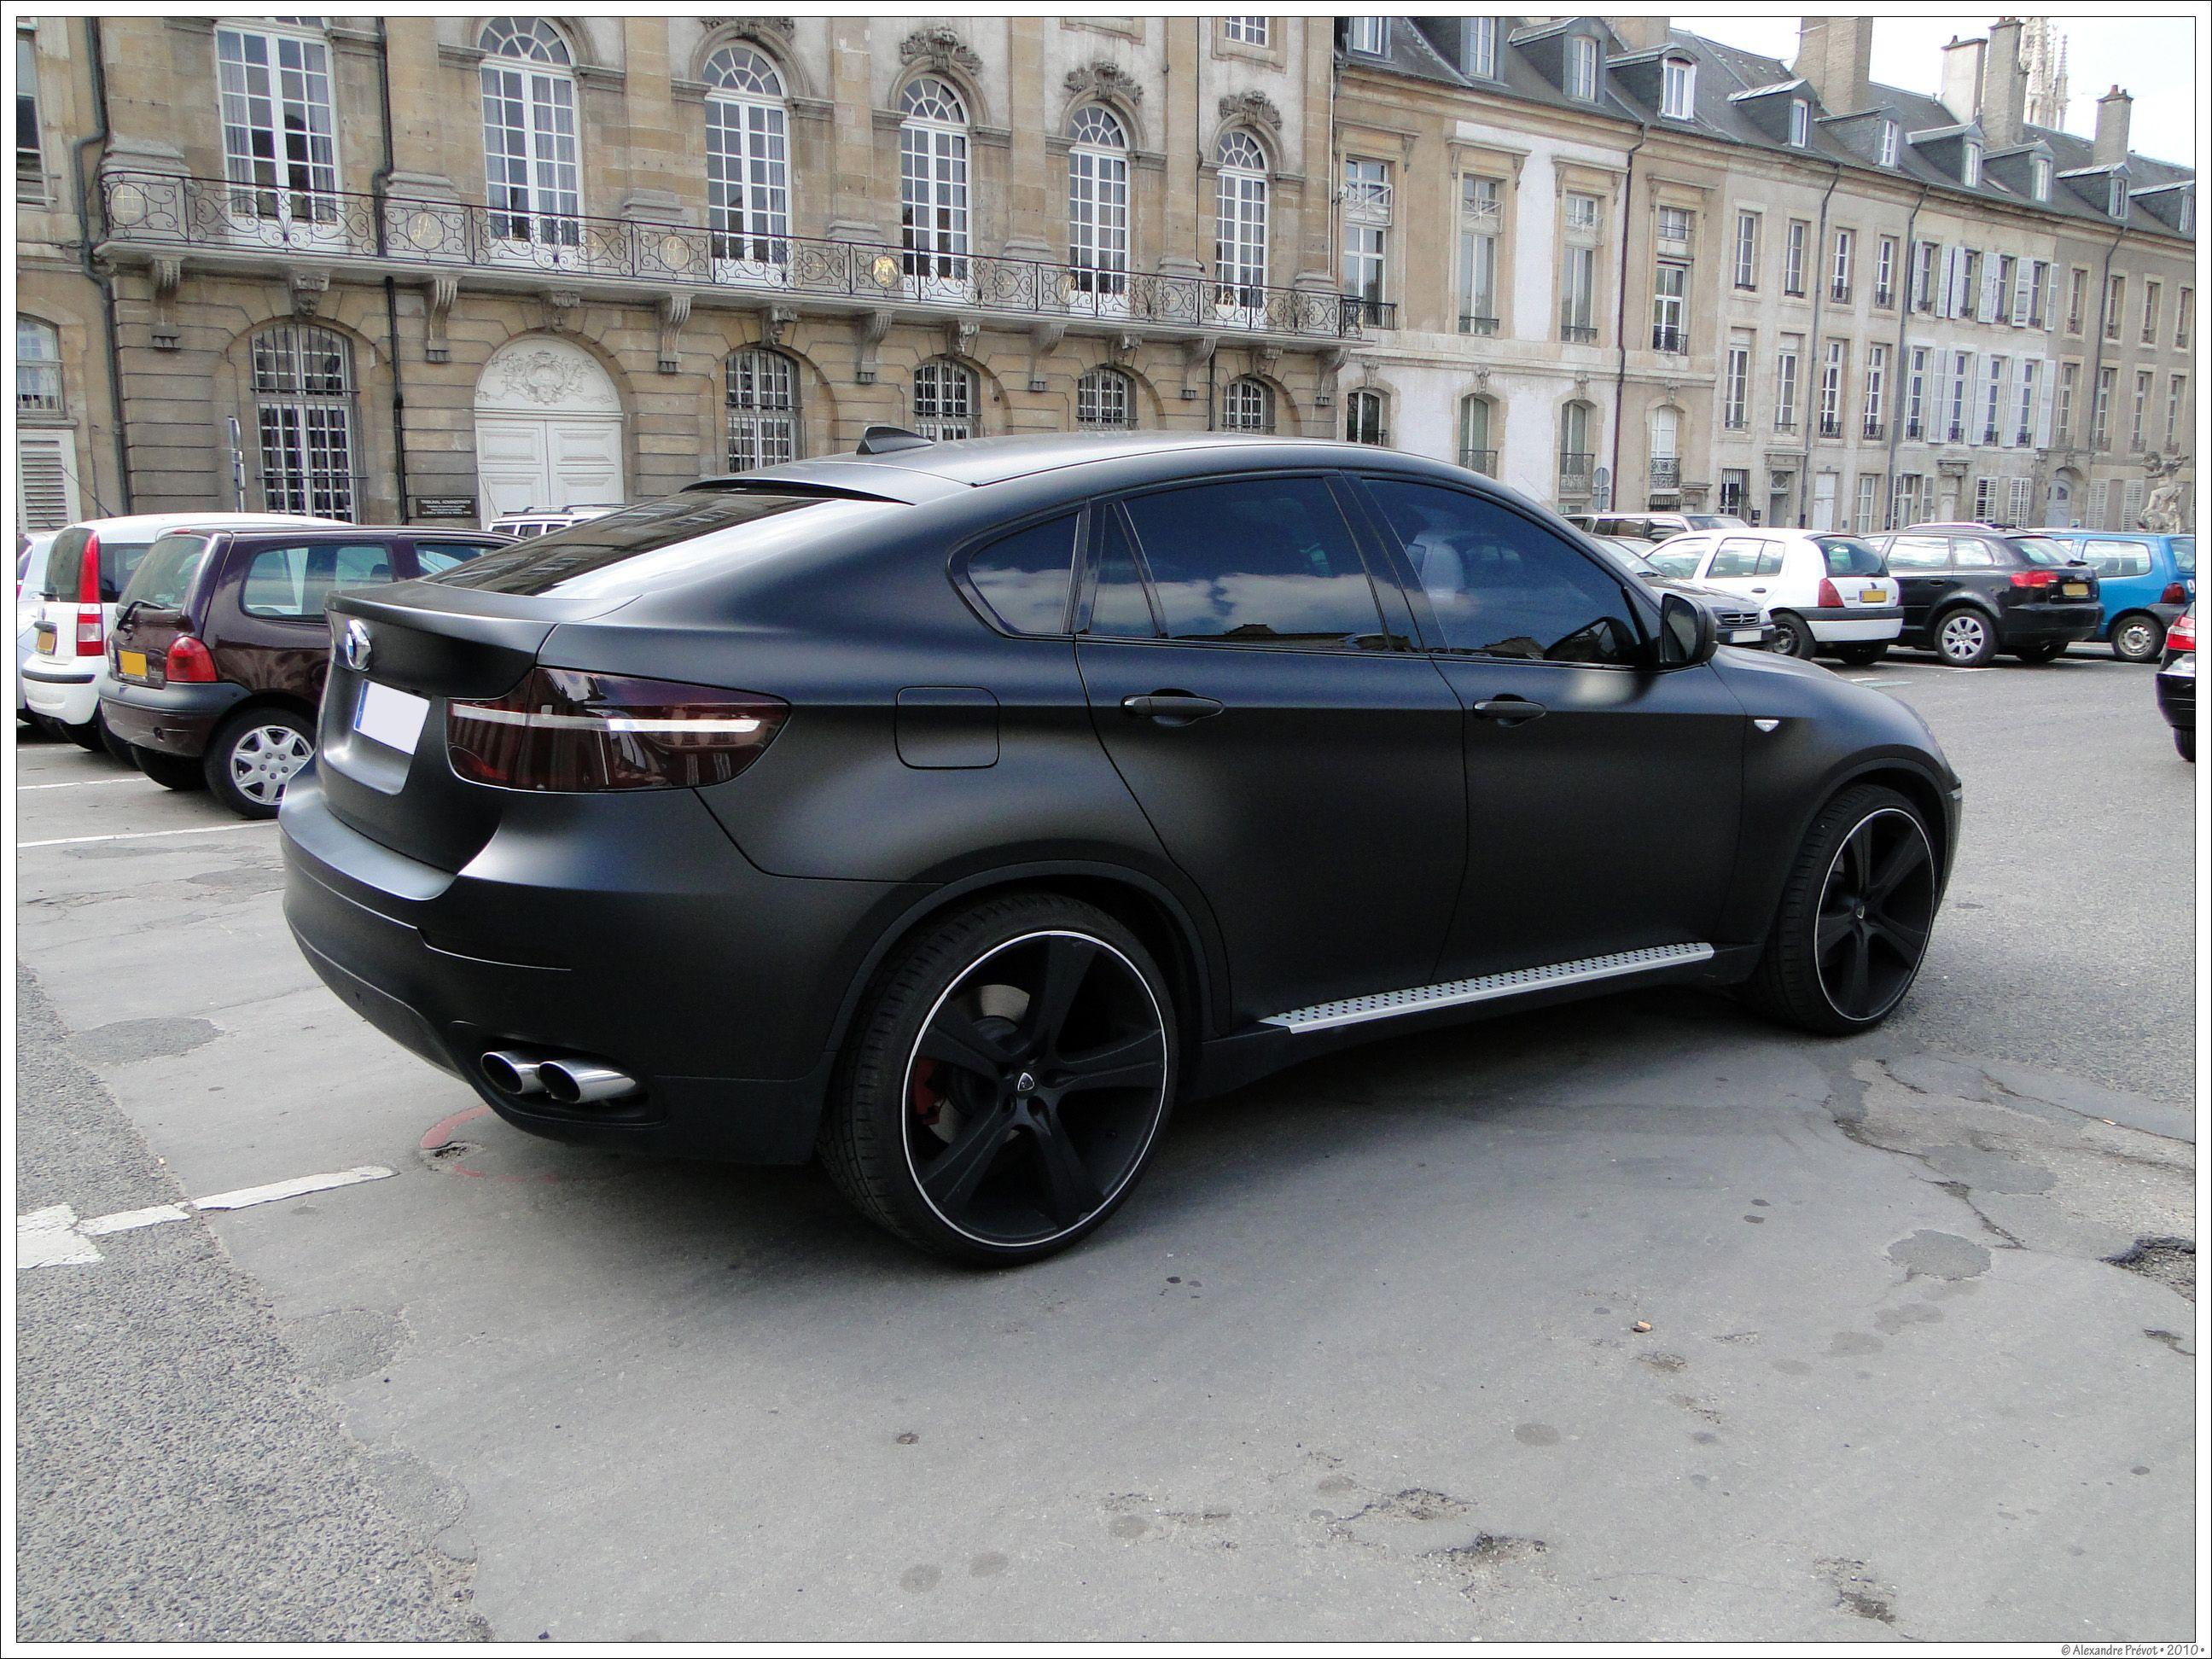 BMW X Cars Pinterest Bmw X BMW And Cars - Black bmw x6